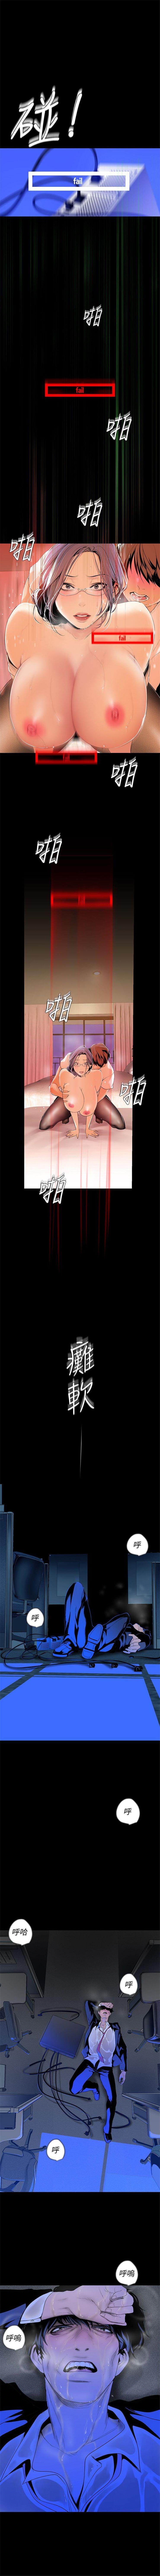 (周6)美丽新世界 1-61 中文翻译 (更新中) 382